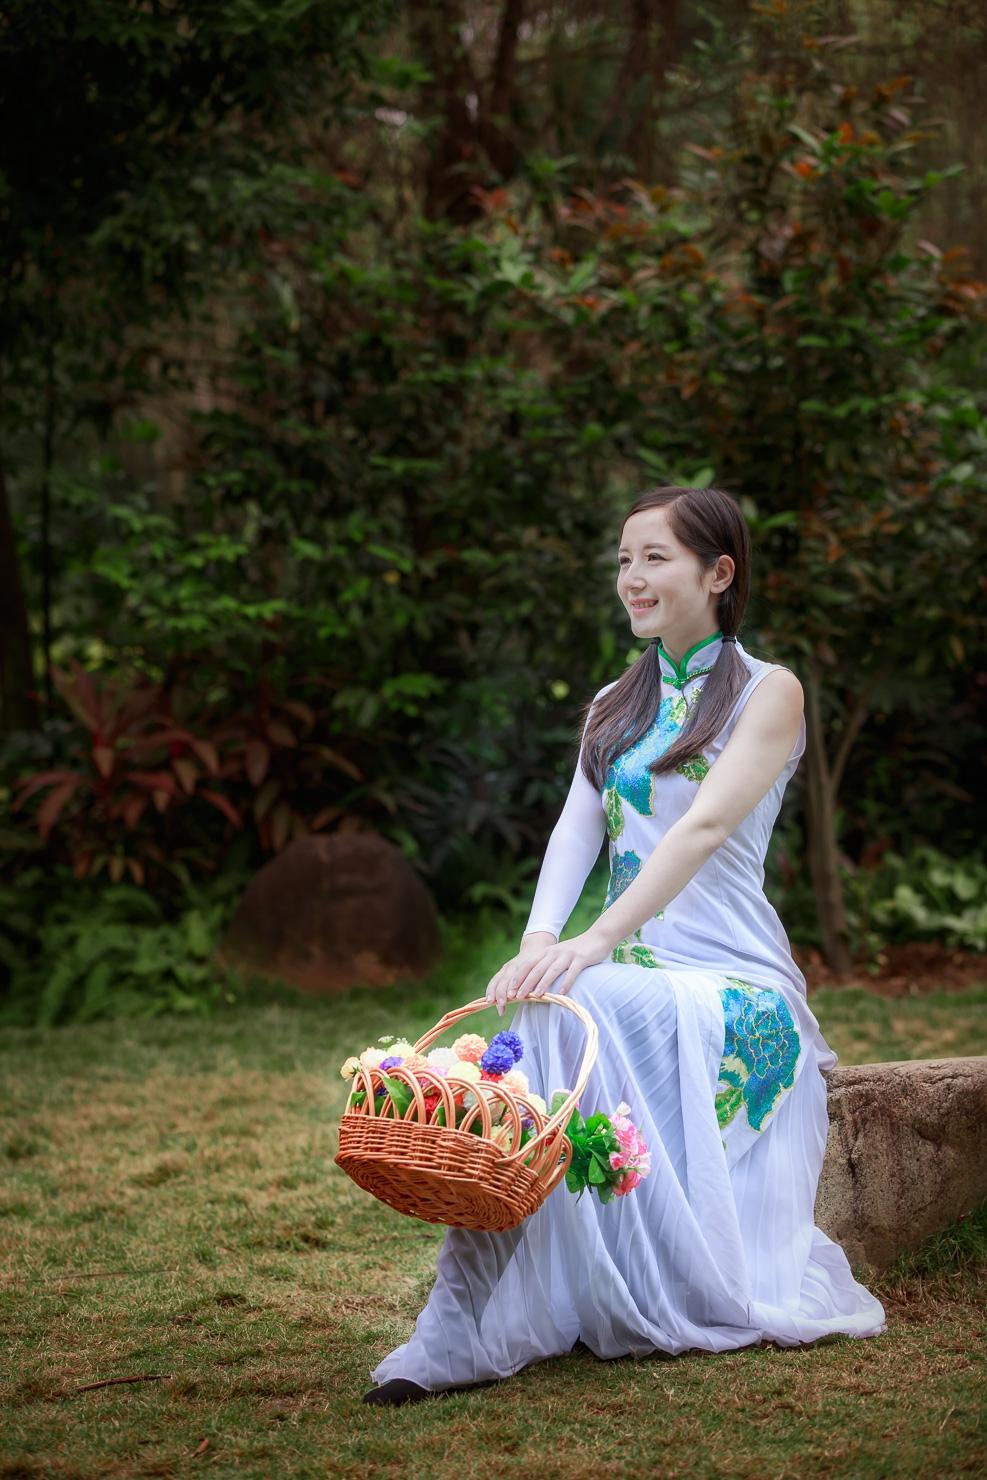 旗袍美女 - 花開有聲 - 花開有聲